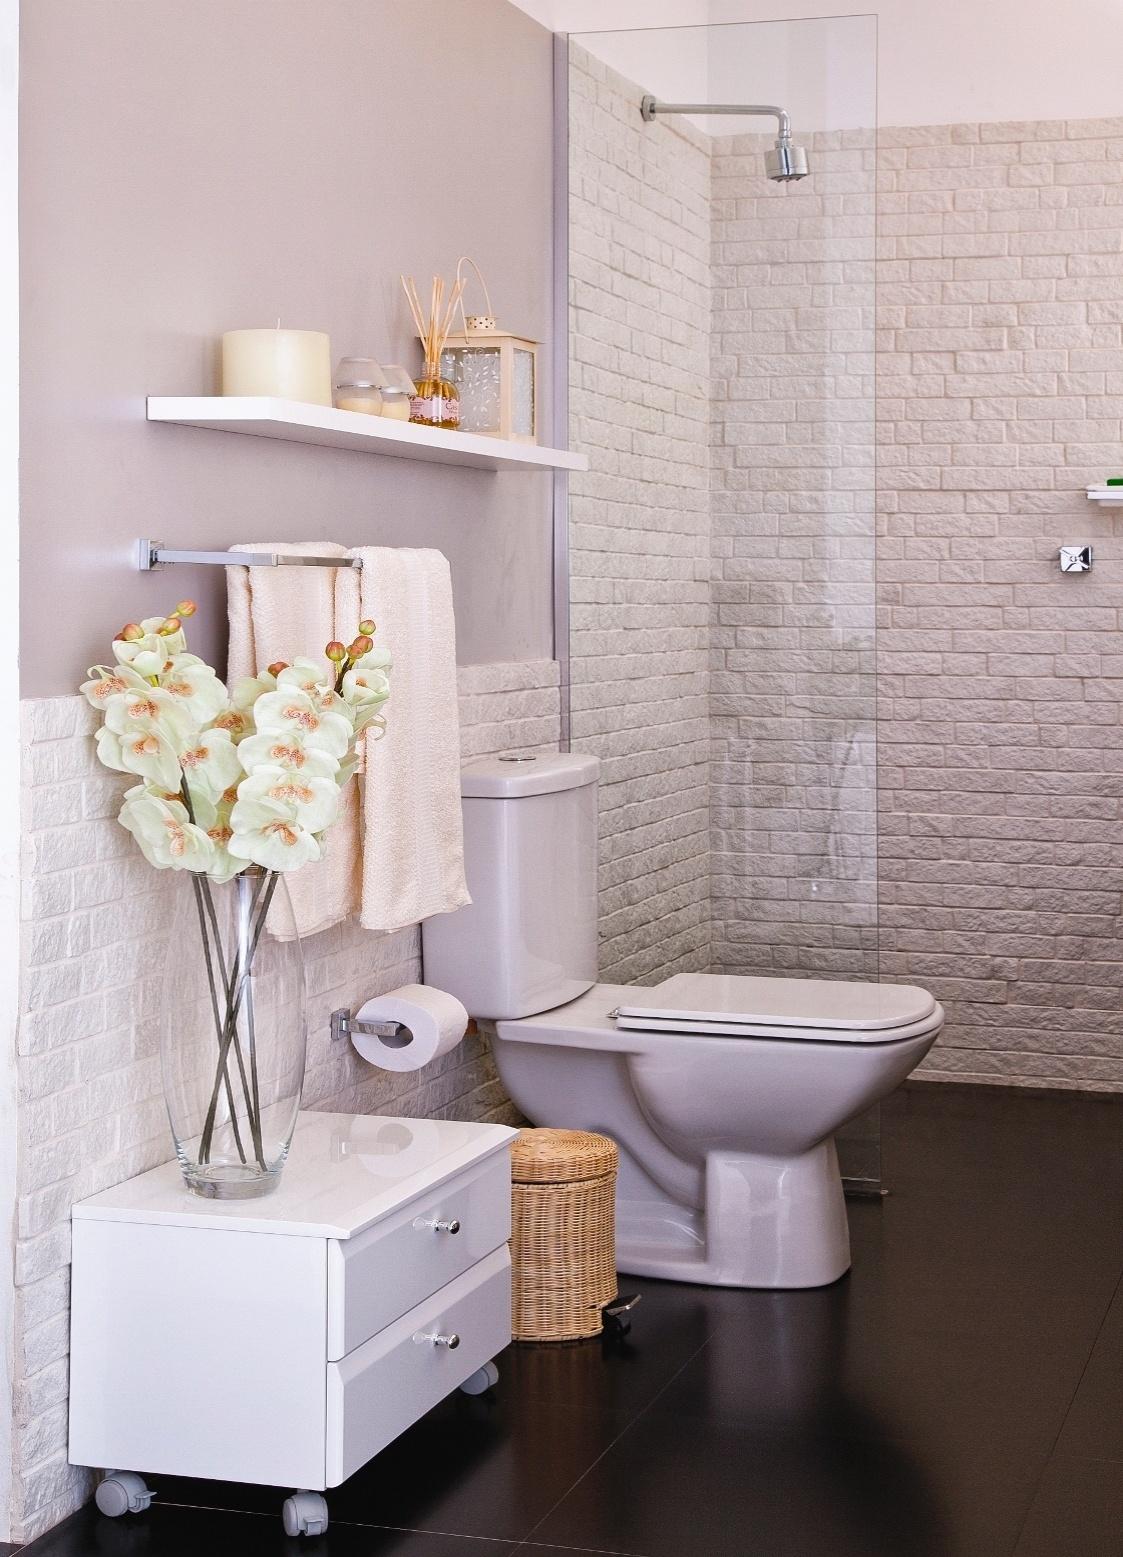 Banheiro Pequeno  Casa e Decoração  UOL Mulher -> Banheiro Pequeno Casal